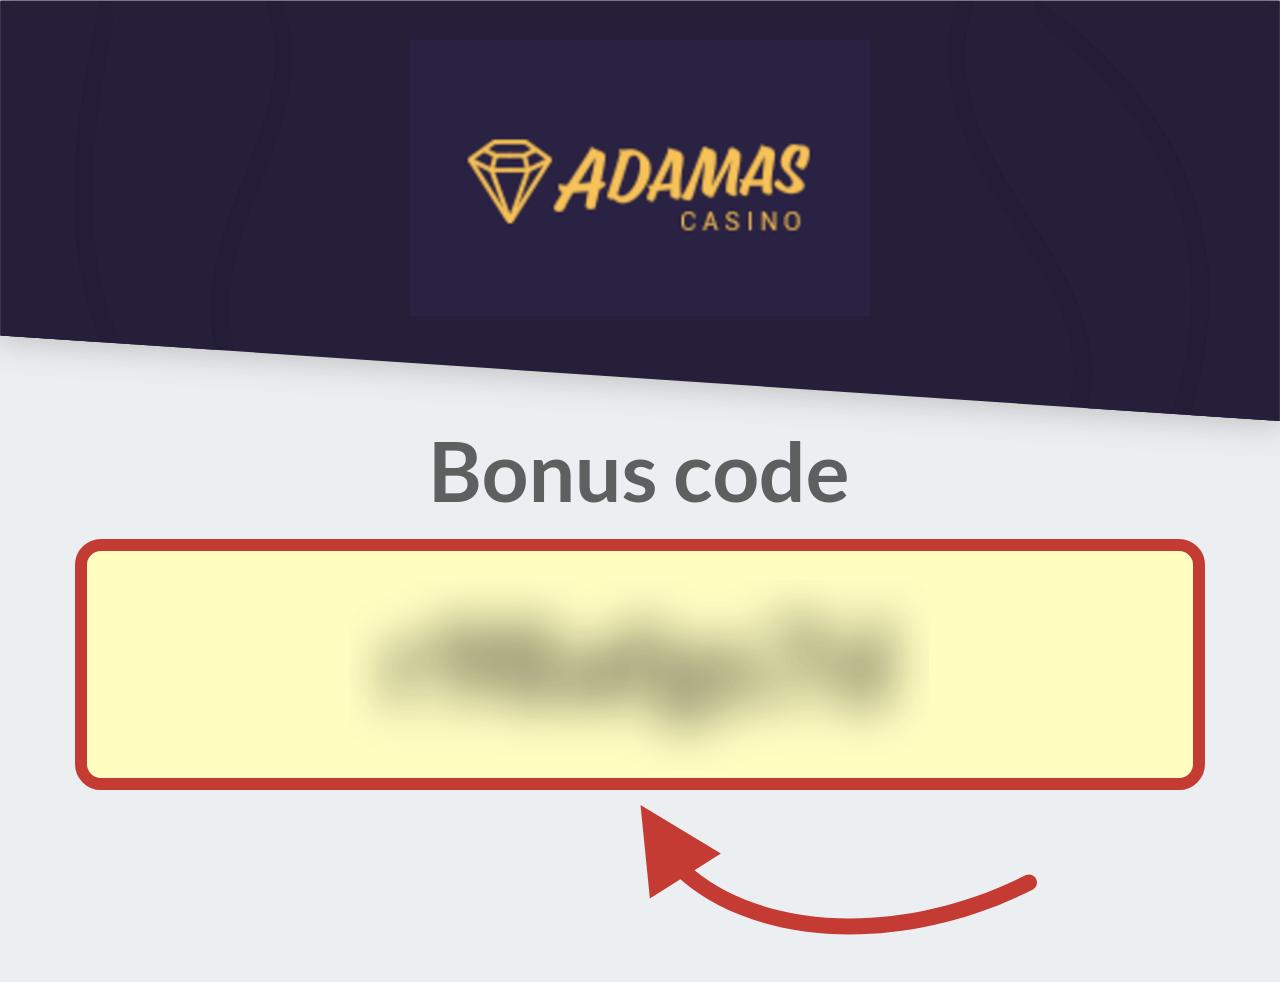 Adamas Casino Bonus Code